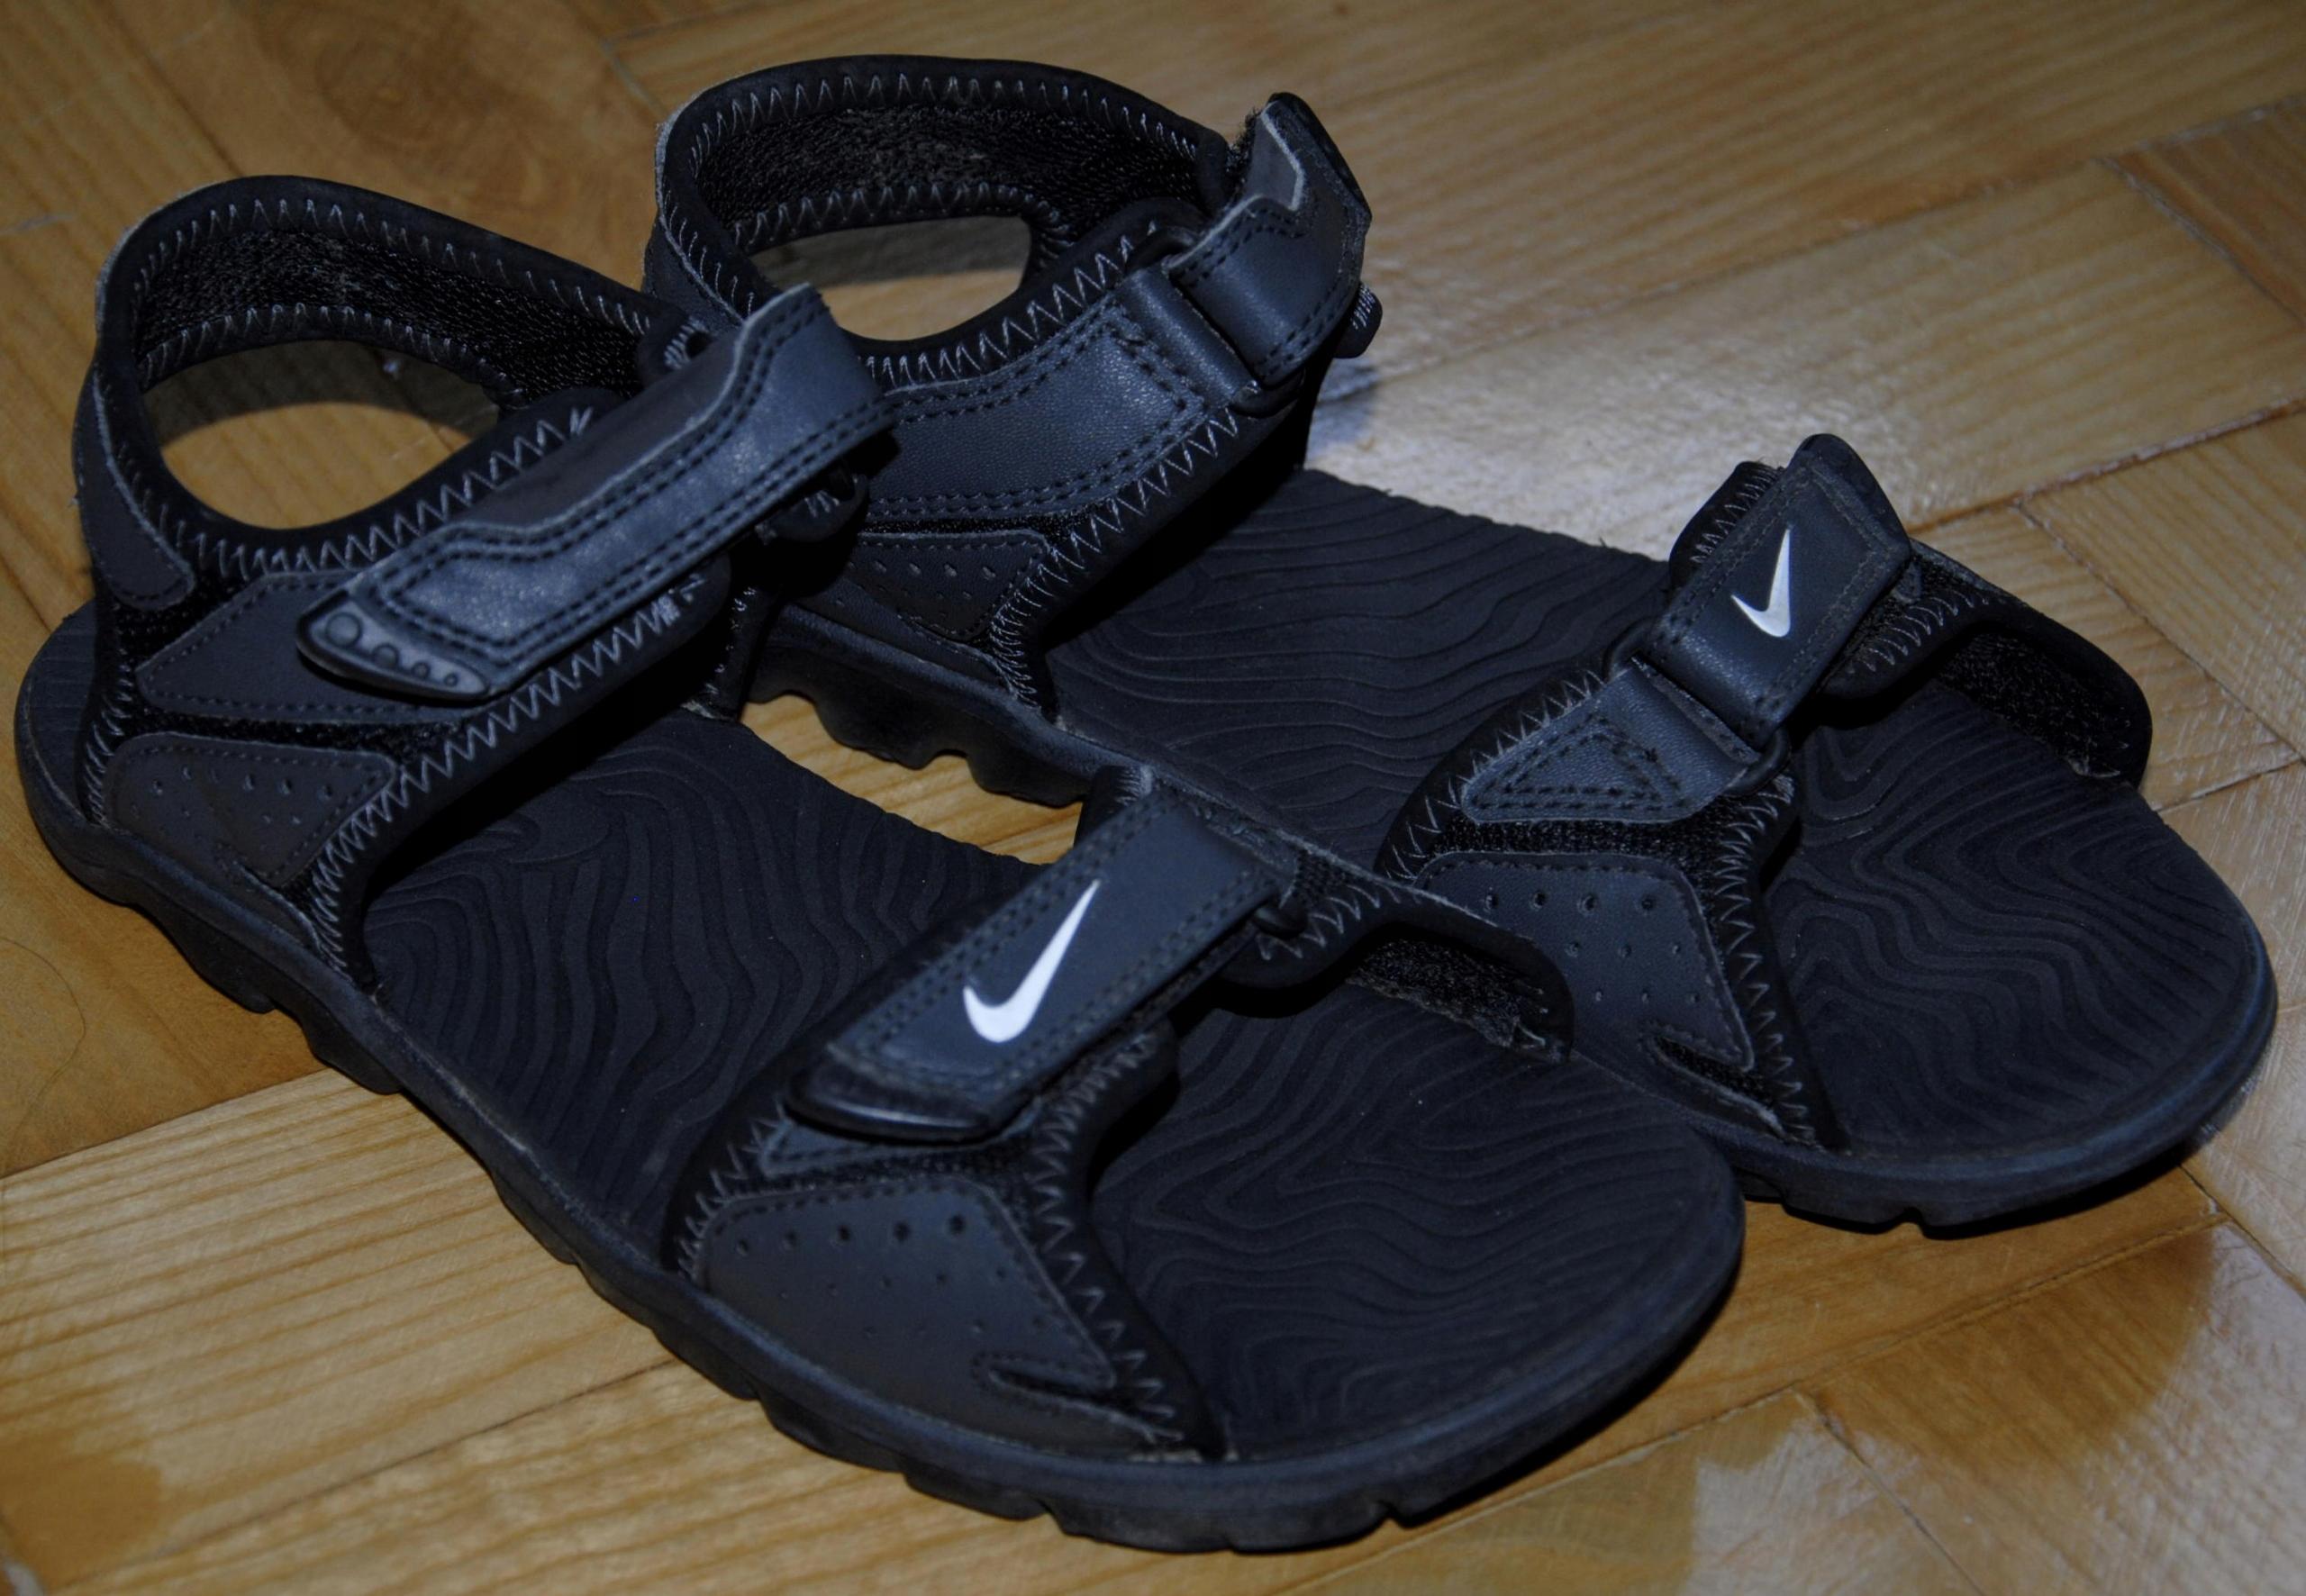 NIKE grafitowe sandały super sandałki 35 -36 23 cm